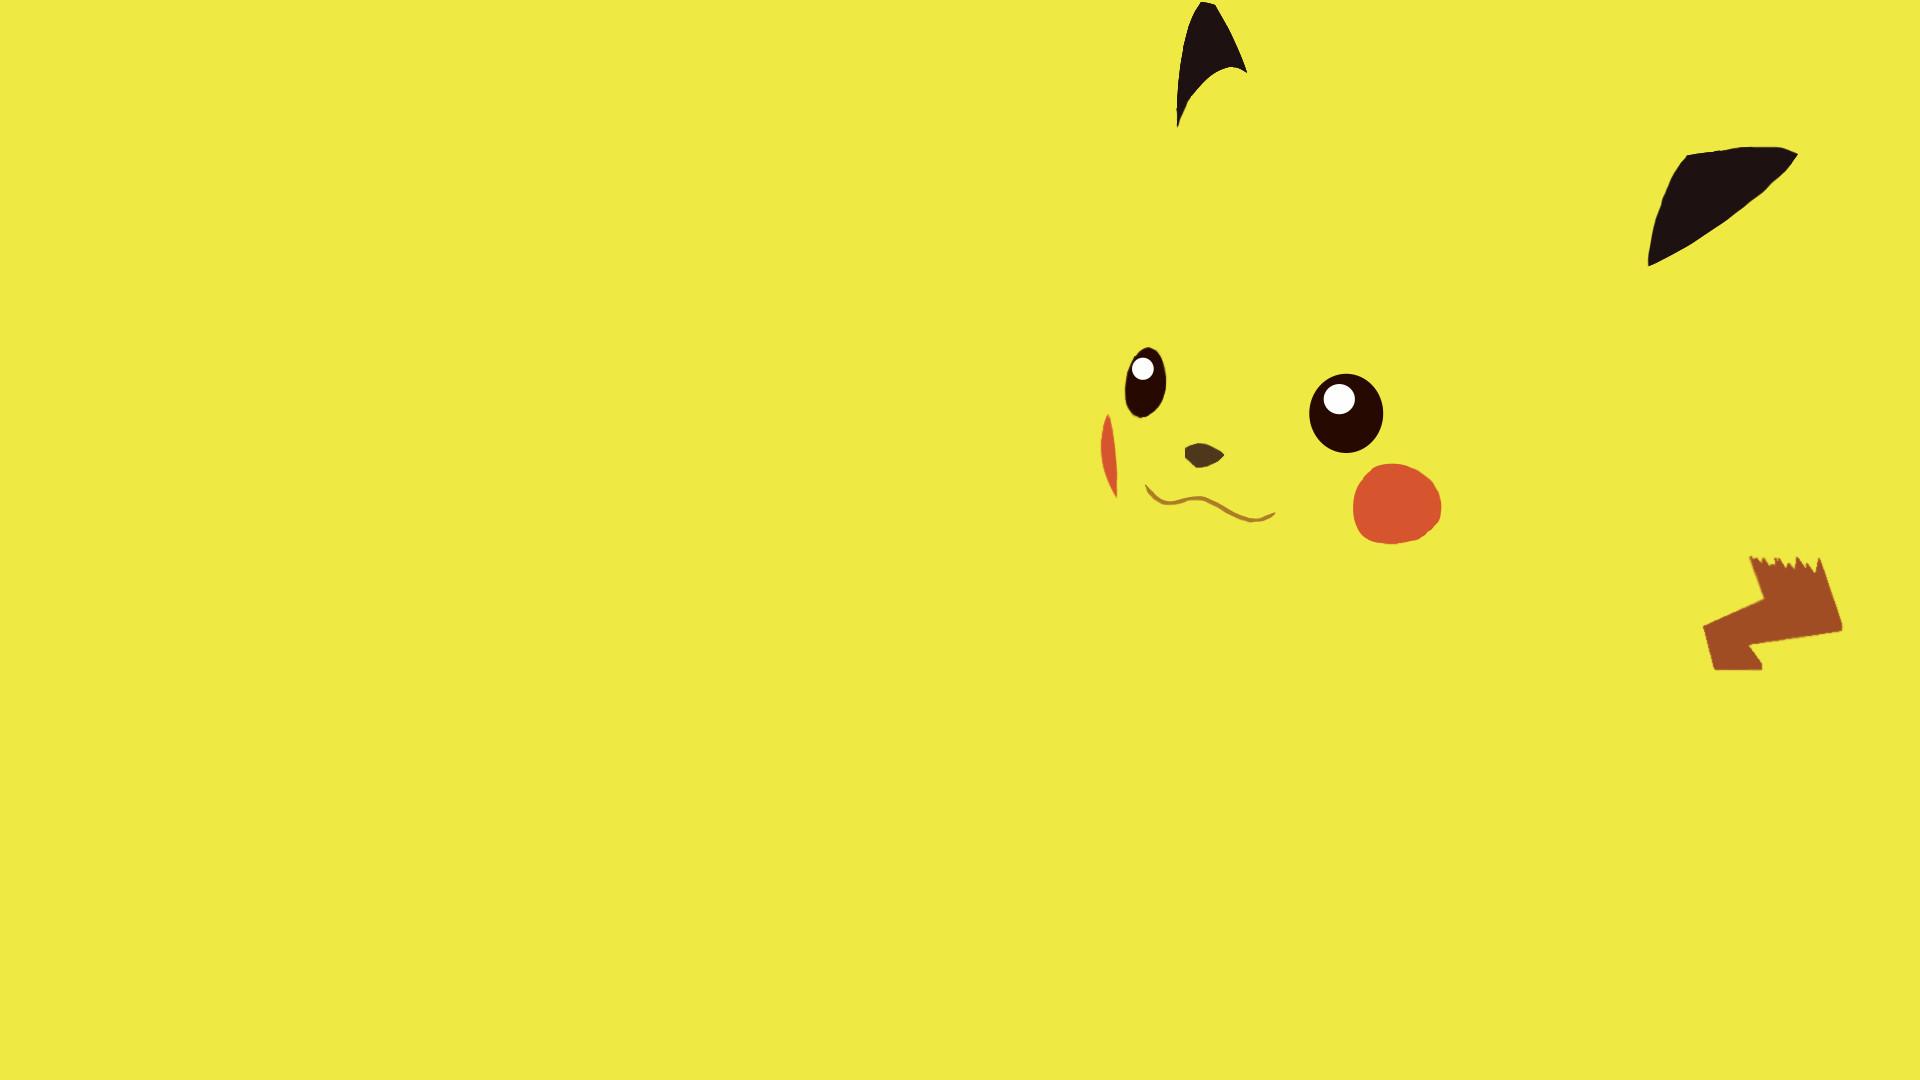 pikachu wallpaper https://ragzon.com/pokemon-xy-it-